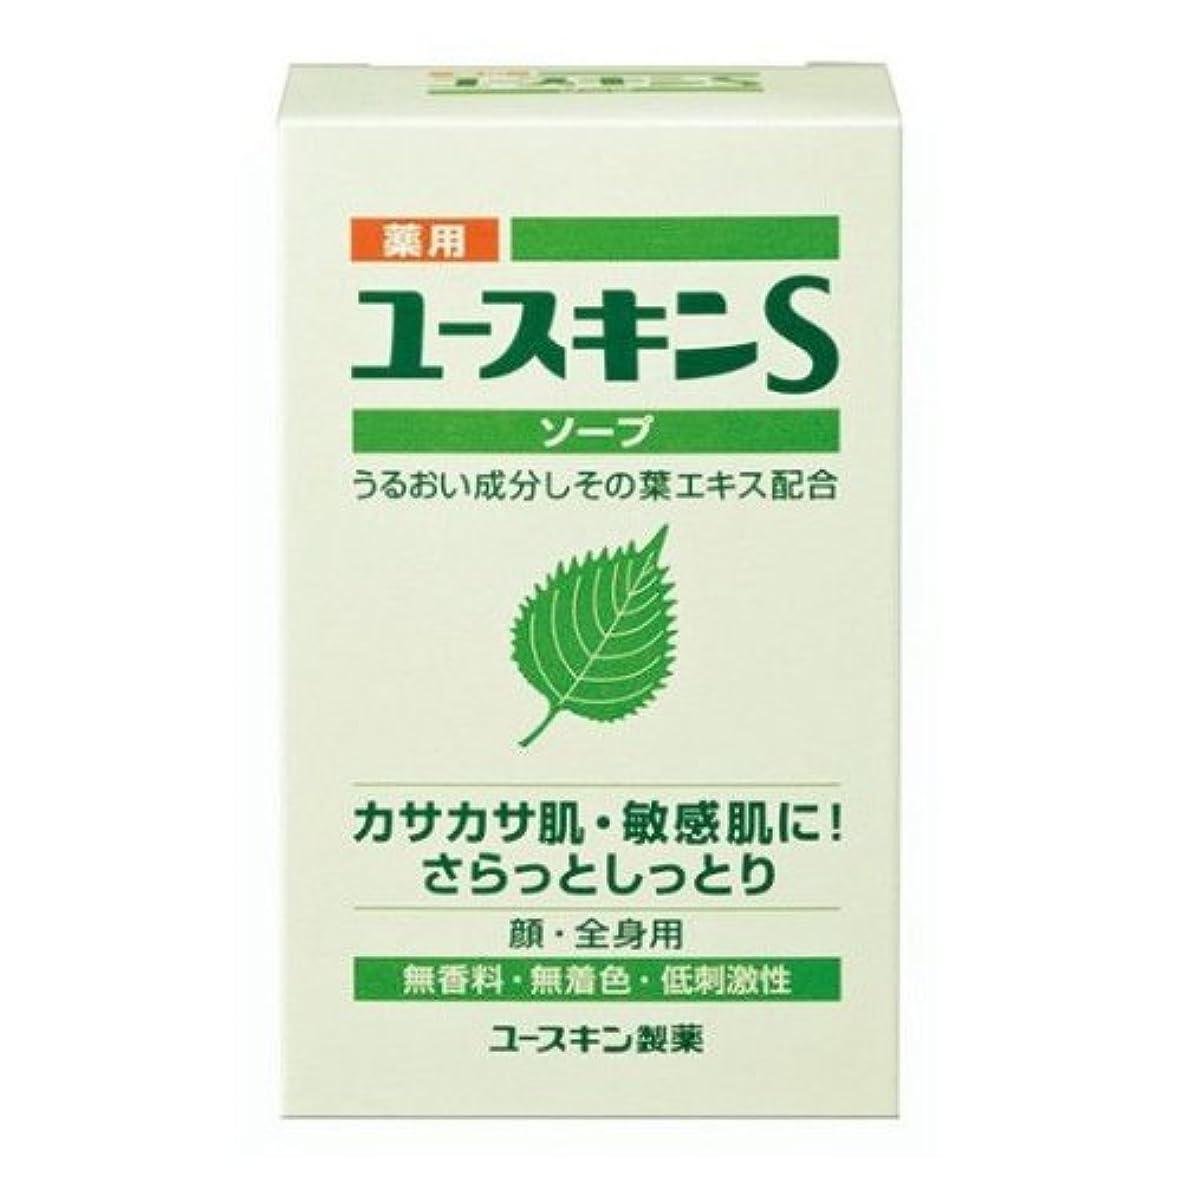 演じるマキシム憤るユースキン製薬 薬用ユースキンSソープ 90g(医薬部外品)